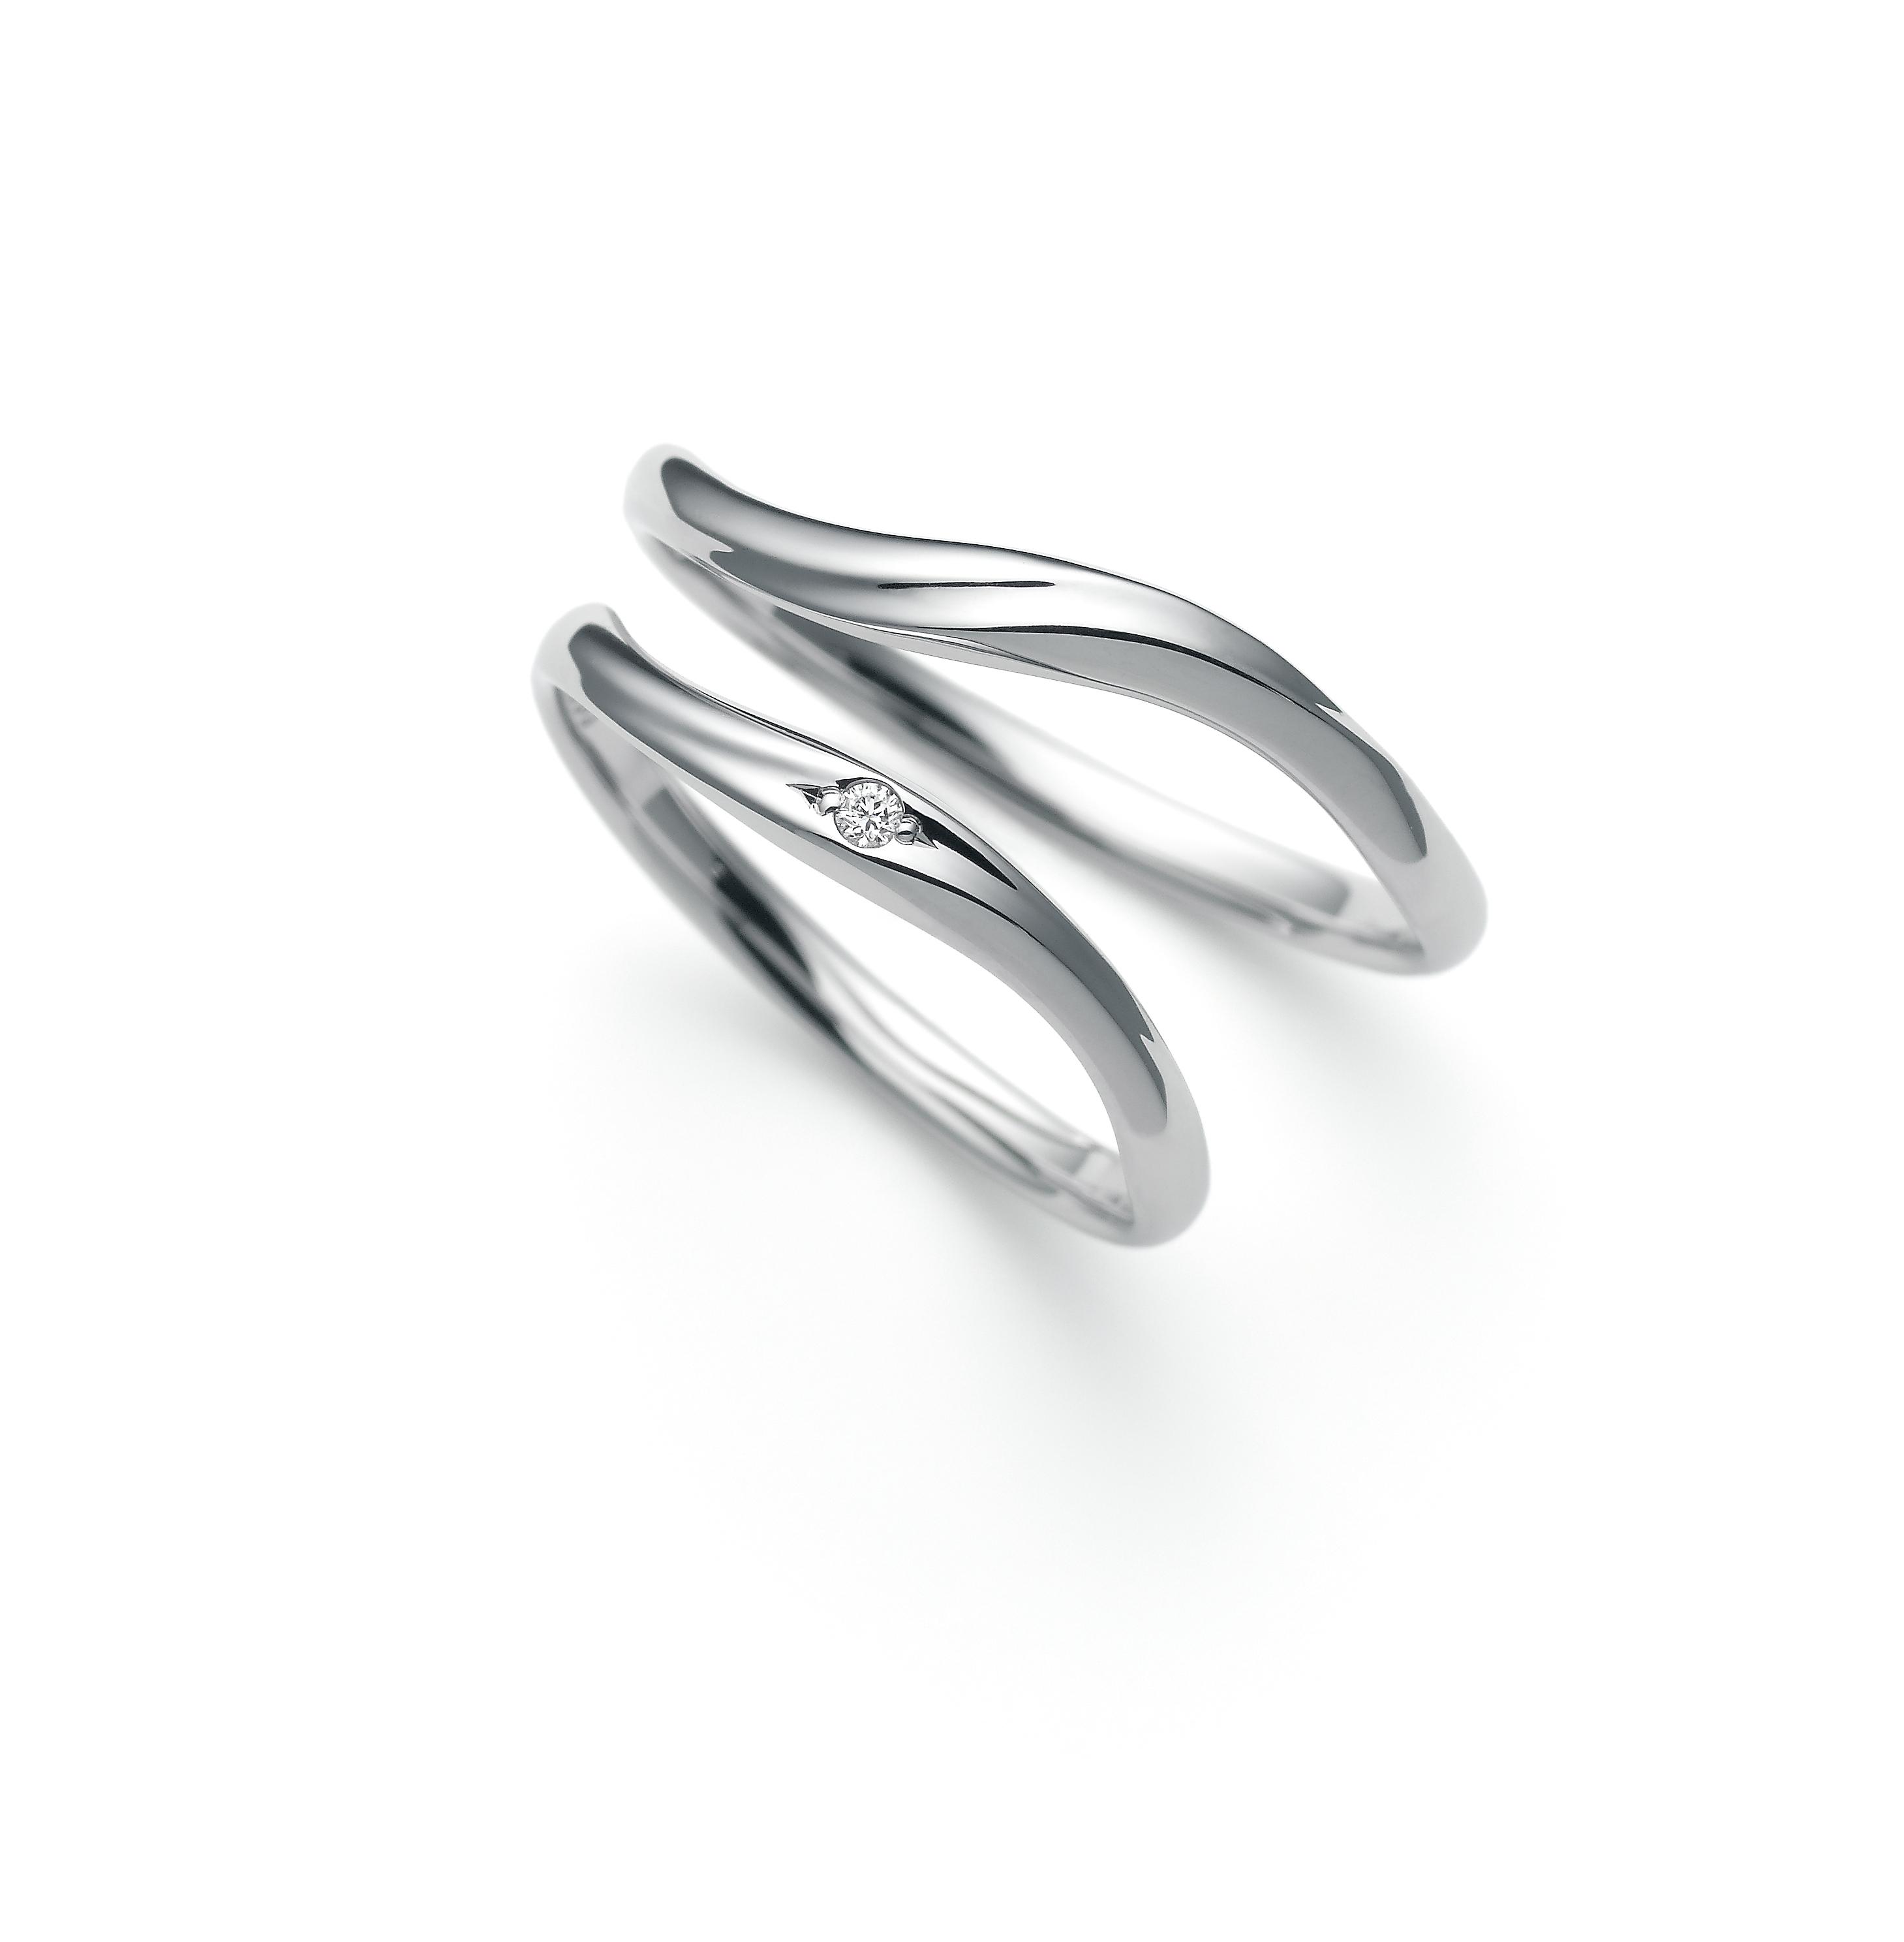 CN-055 056|ノクル 結婚指輪